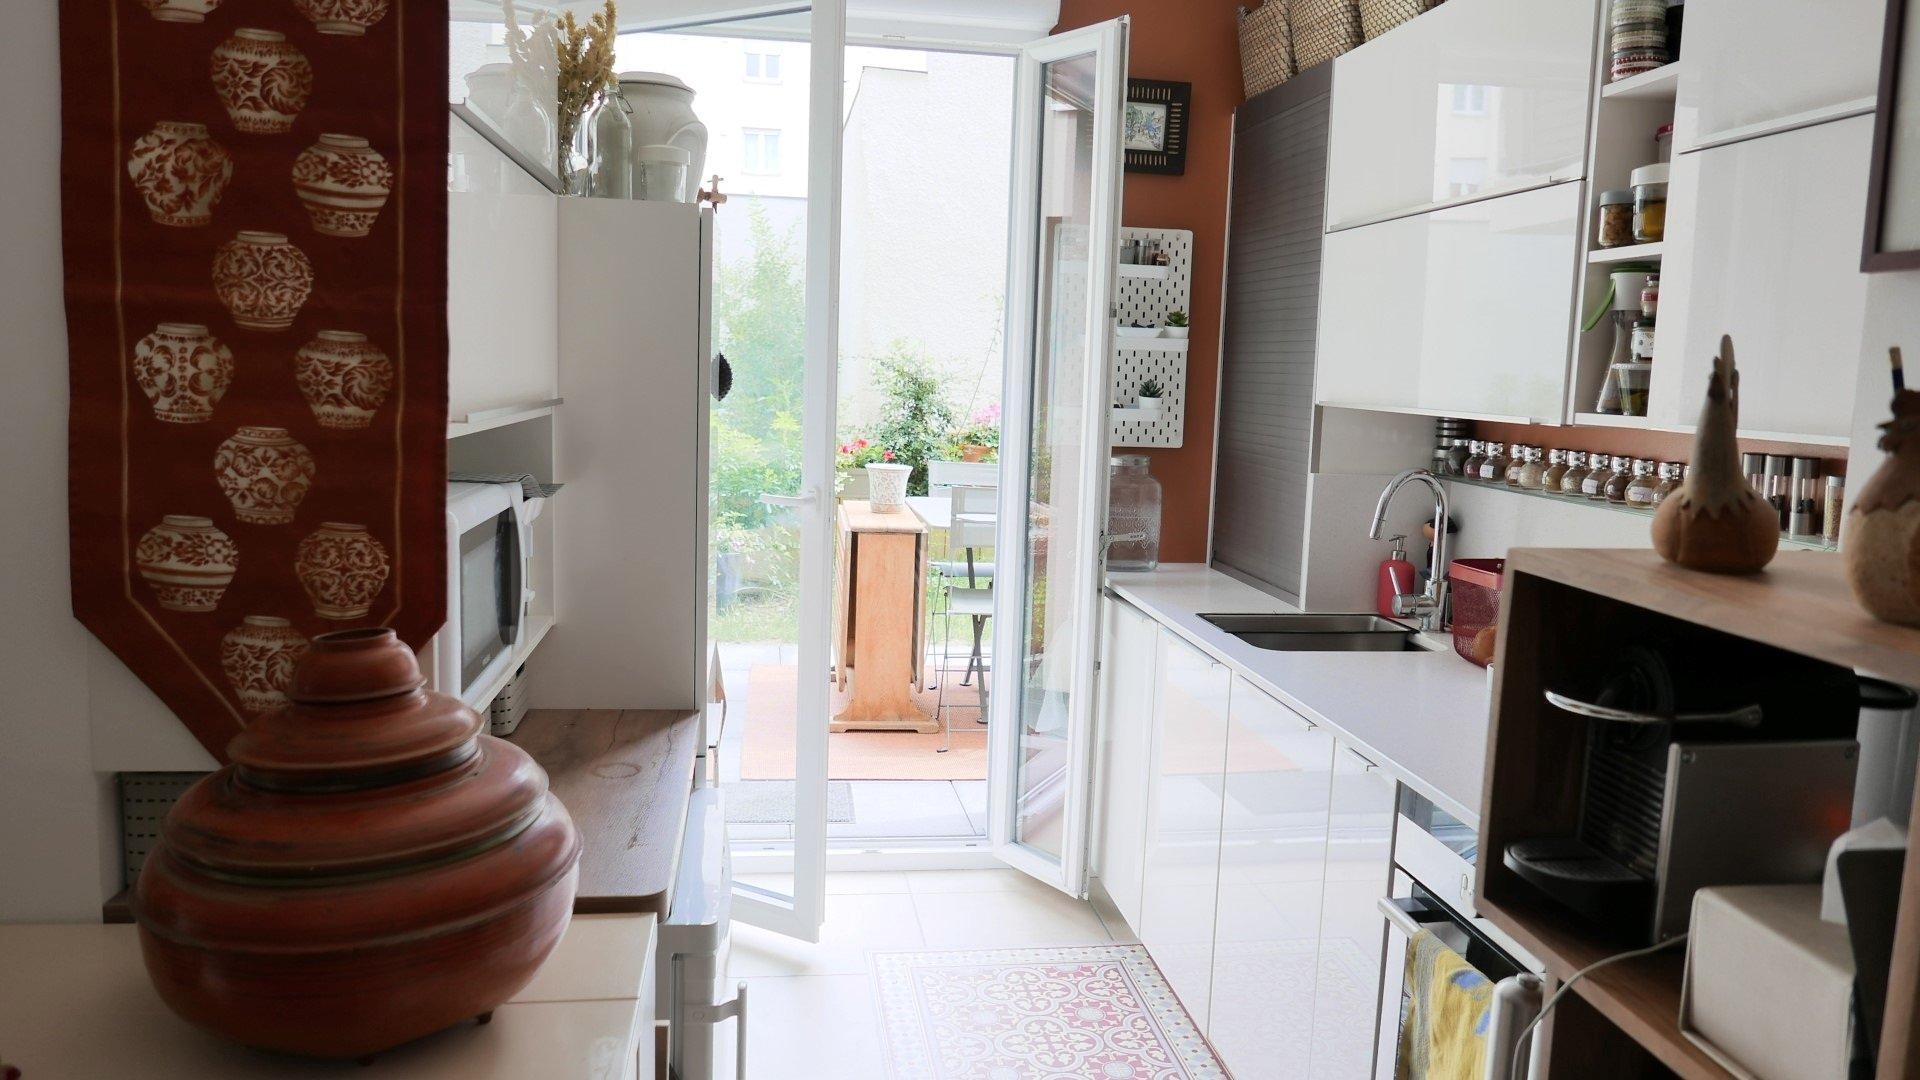 Achat Appartement, Surface de 41.53 m²/ Total carrez : 36 m², 2 pièces, Villeurbanne (69100)